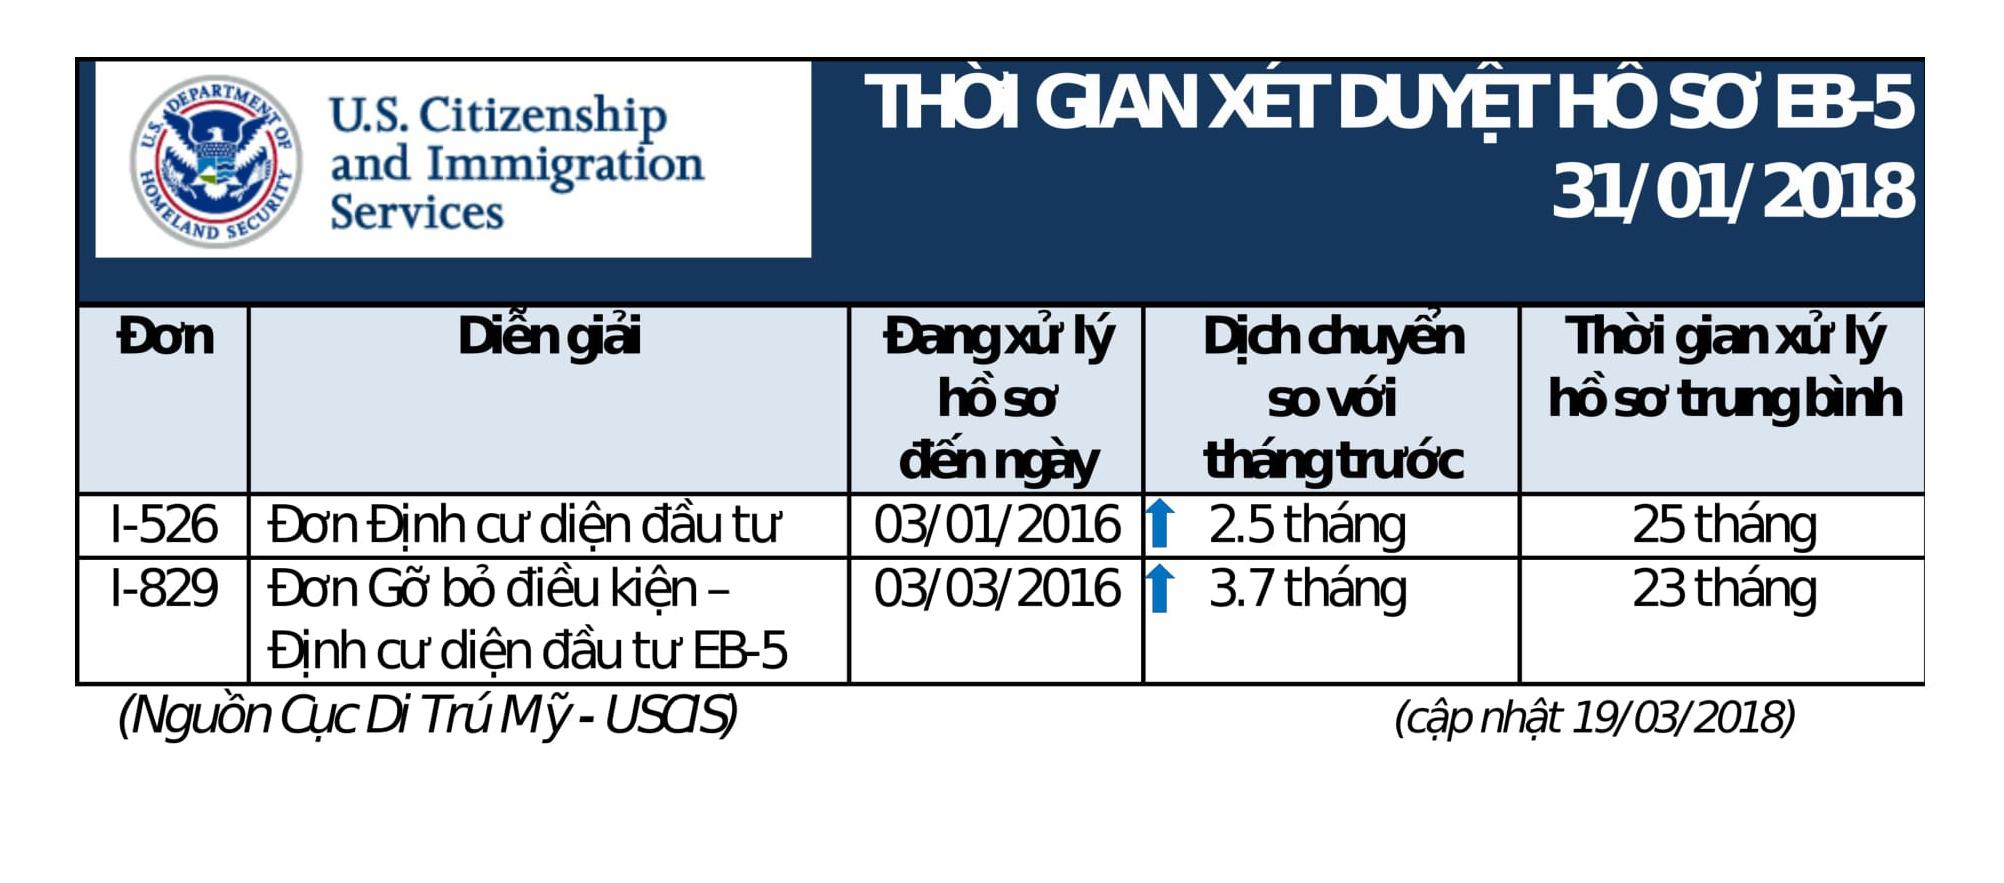 Tin Vui Cho Các Nhà Đầu Tư Việt Nam - Thông tin Cục Di Trú Mỹ Điều Chỉnh Tăng Số Lượng Xét Duyệt Hồ Sơ EB-5